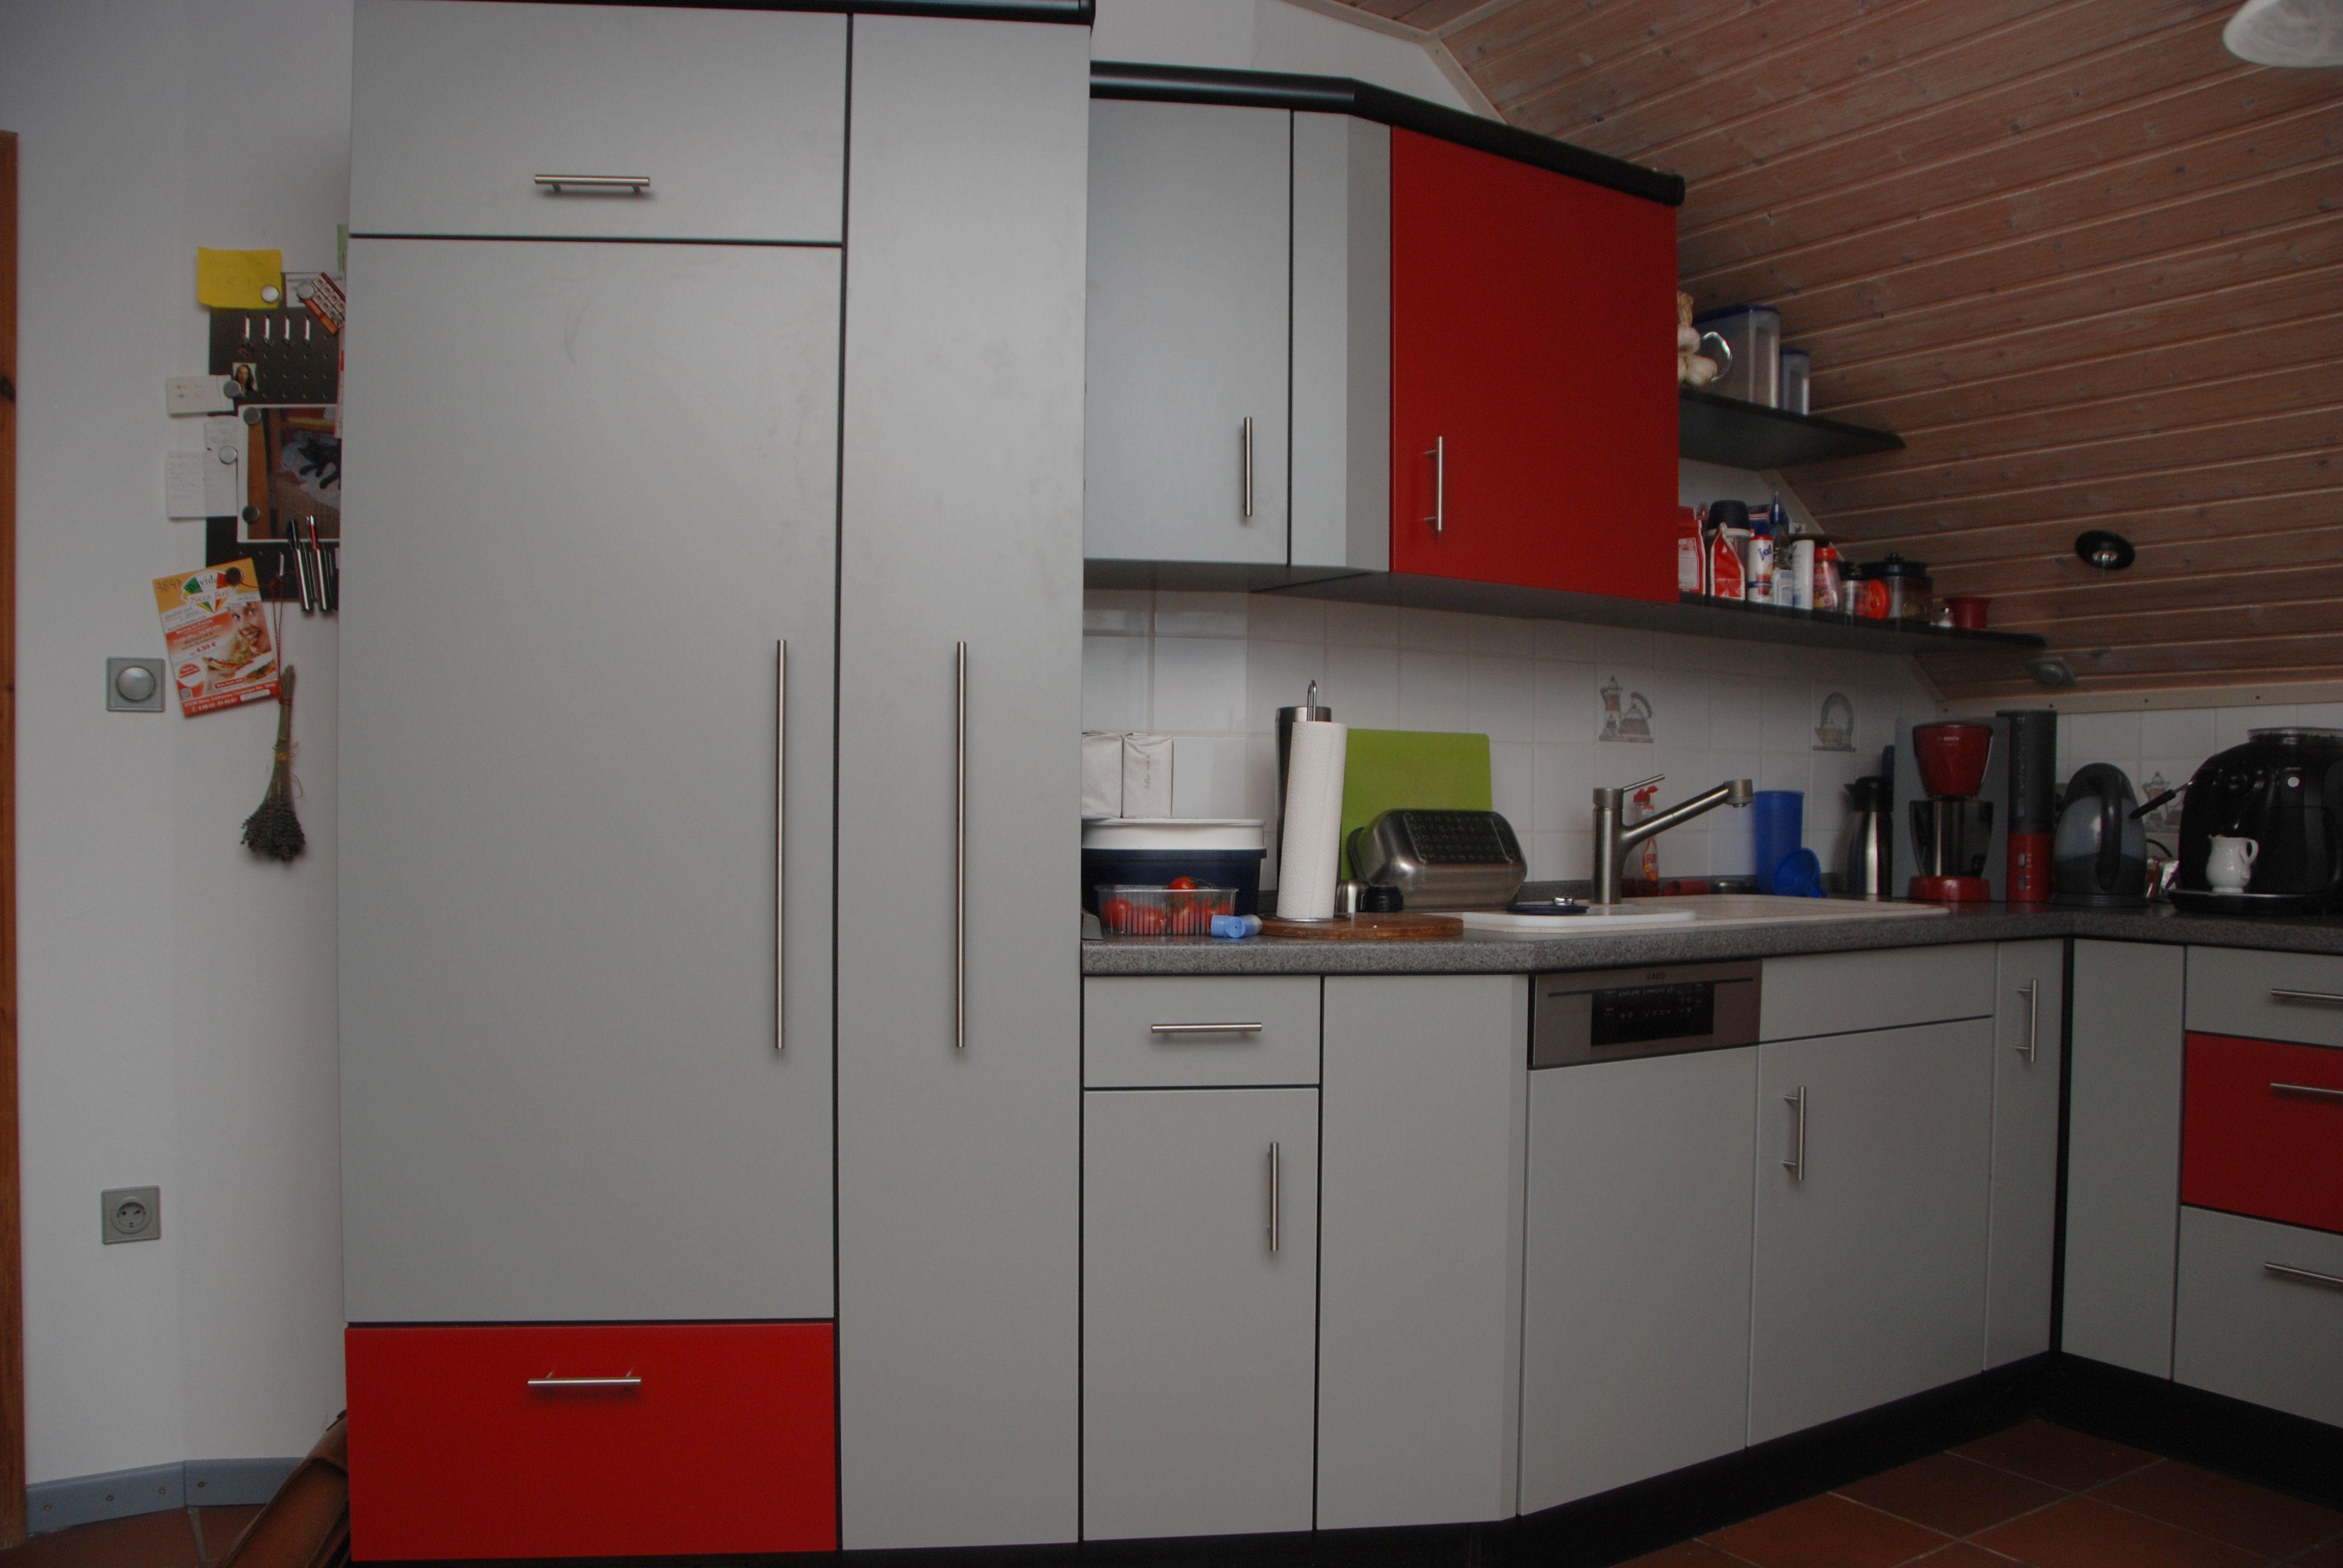 Awesome Küchenschranktüren Einzeln Kaufen Images - Eadico.com ...